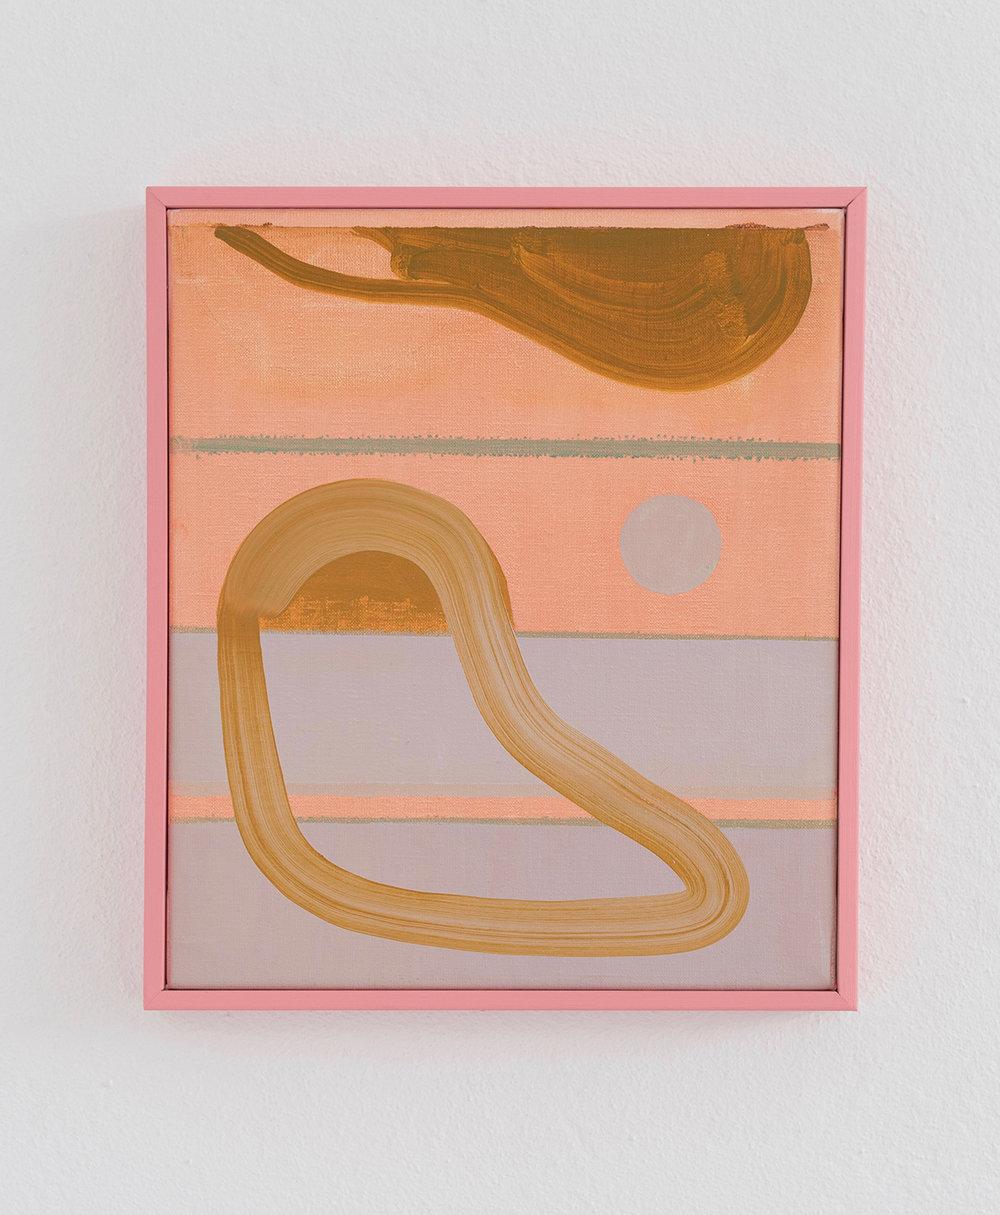 Path and circle / olie på lærred, træramme, 38 x 32 cm. Foto: Benthe Foged Madsen.